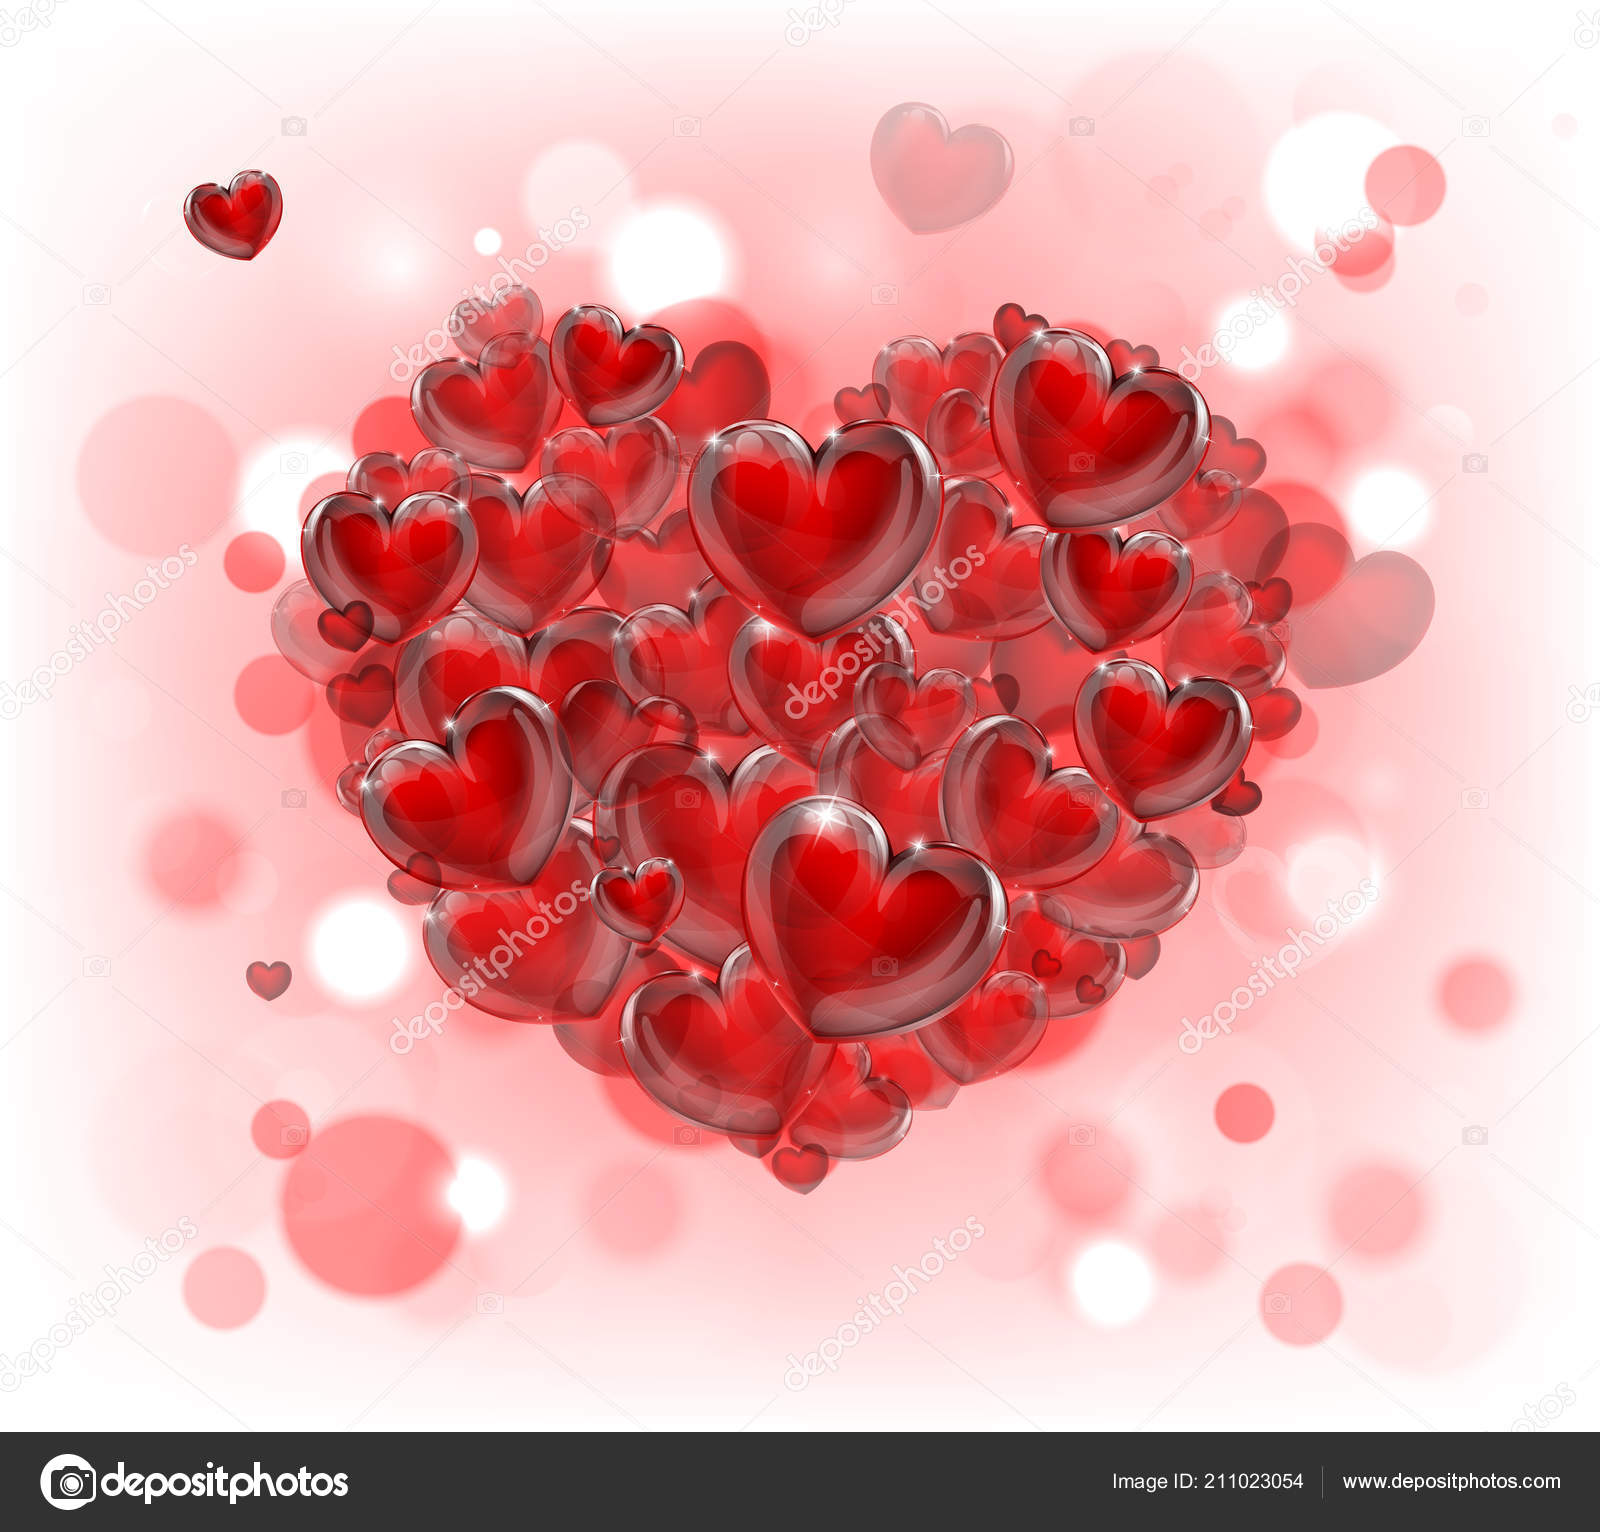 fond coeur saint-valentin — image vectorielle krisdog © #211023054